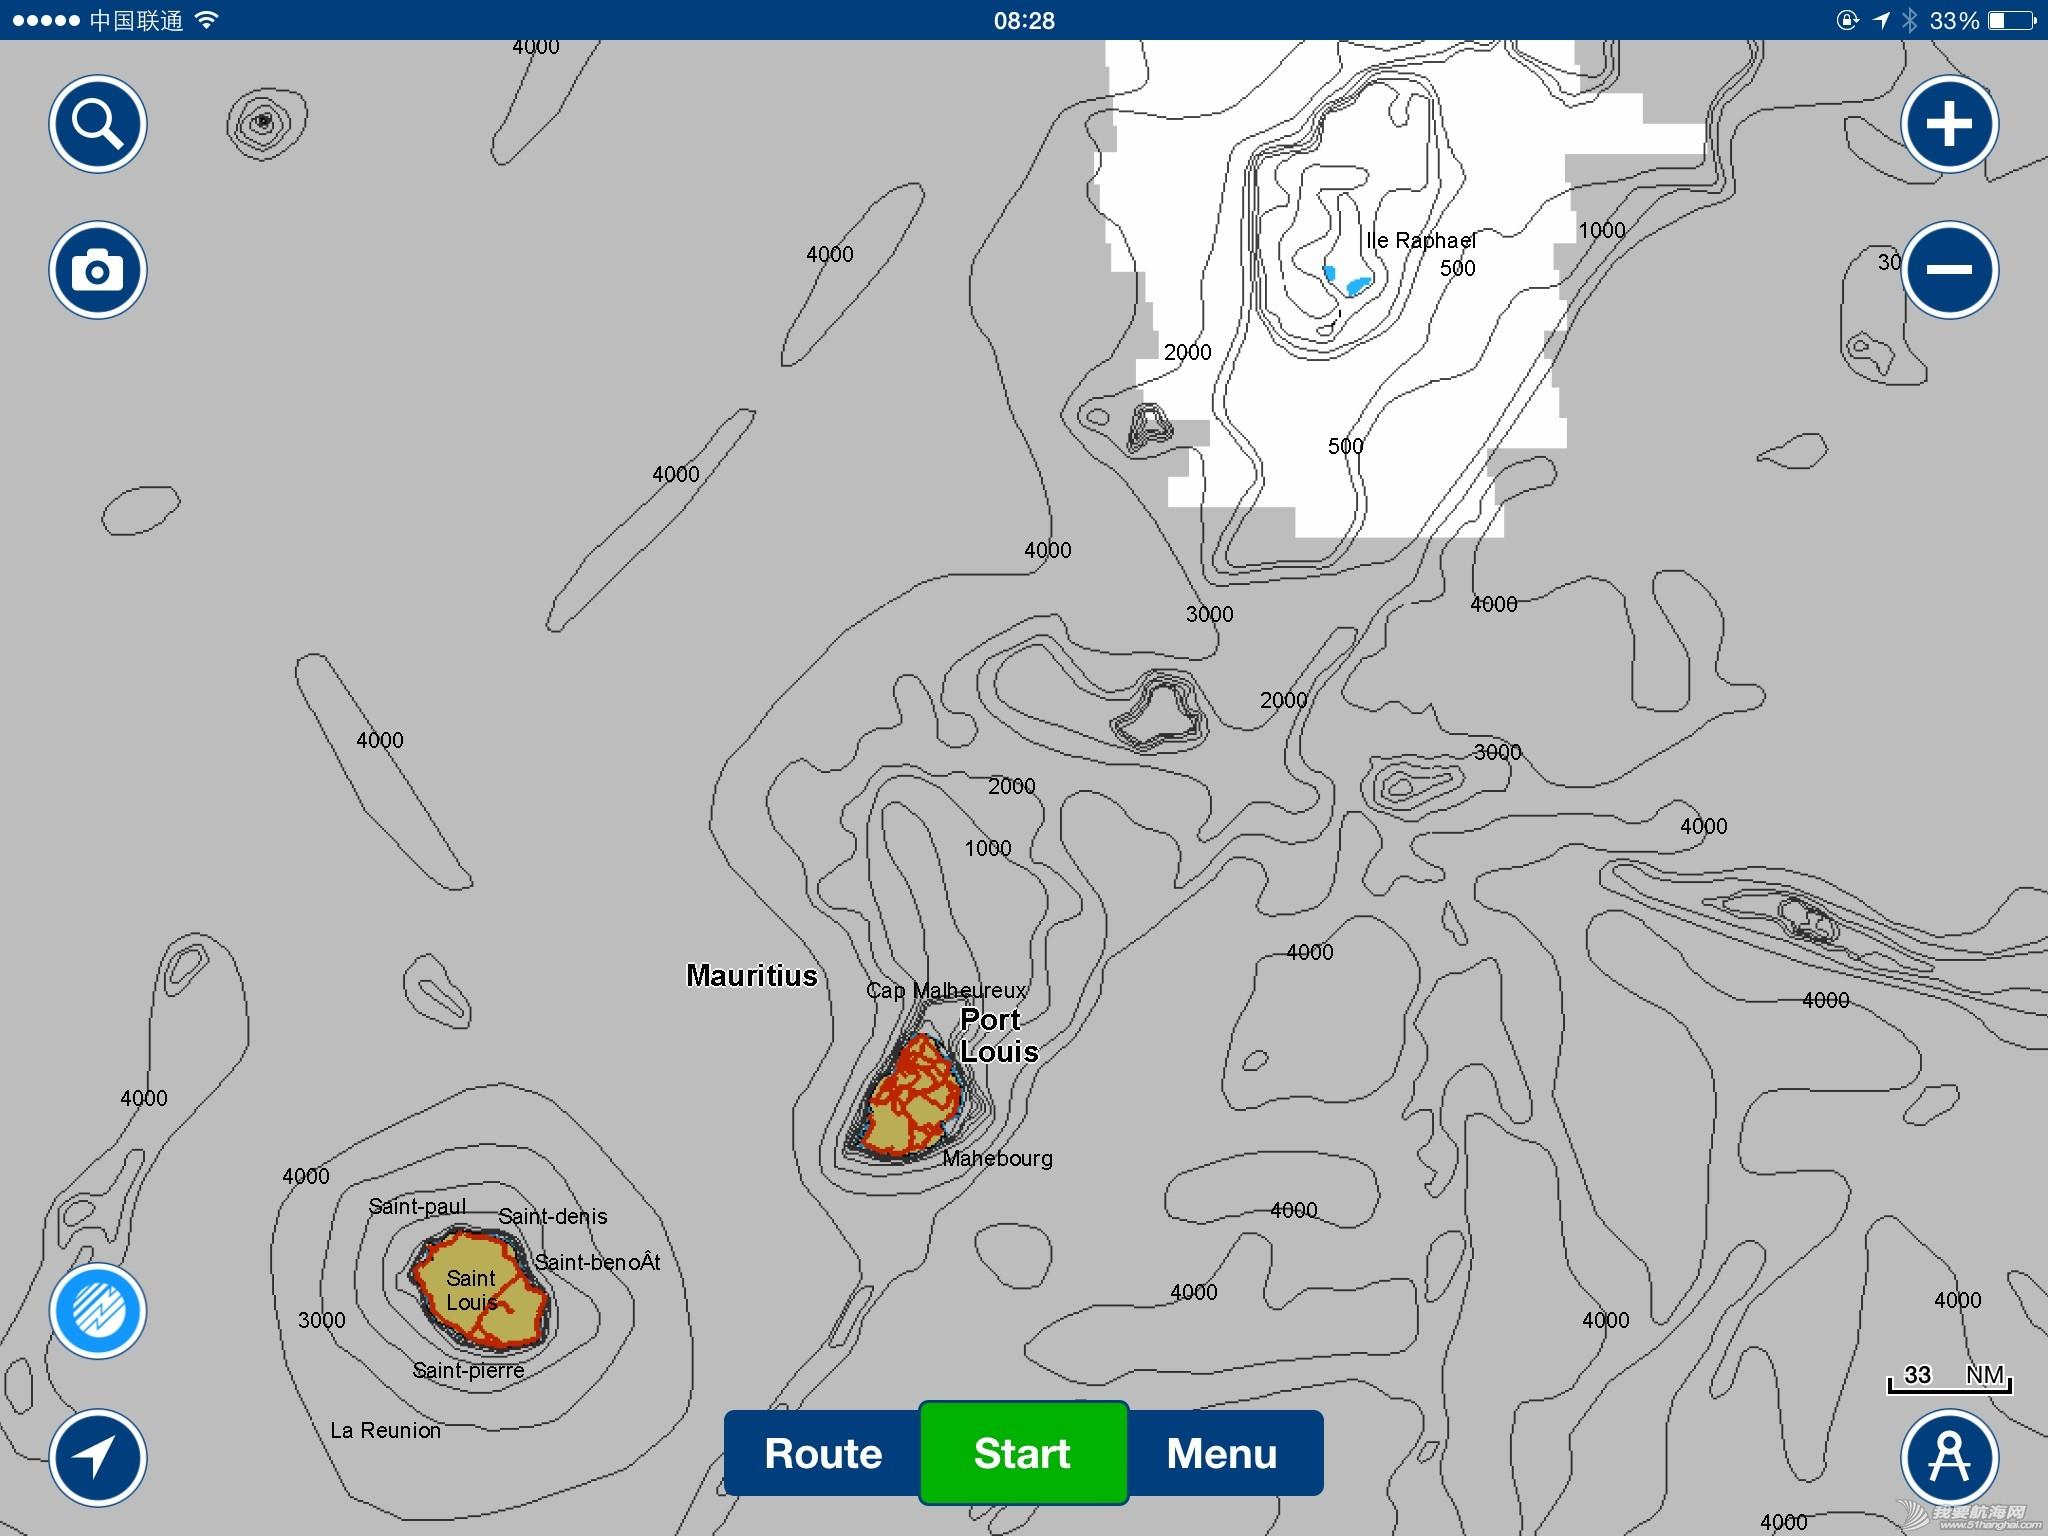 地点,触礁,帆船,维斯,环球 大家看看海图,触礁的地点是这里吗 右上角的蓝点 082907ibggsk8aai2f02a8